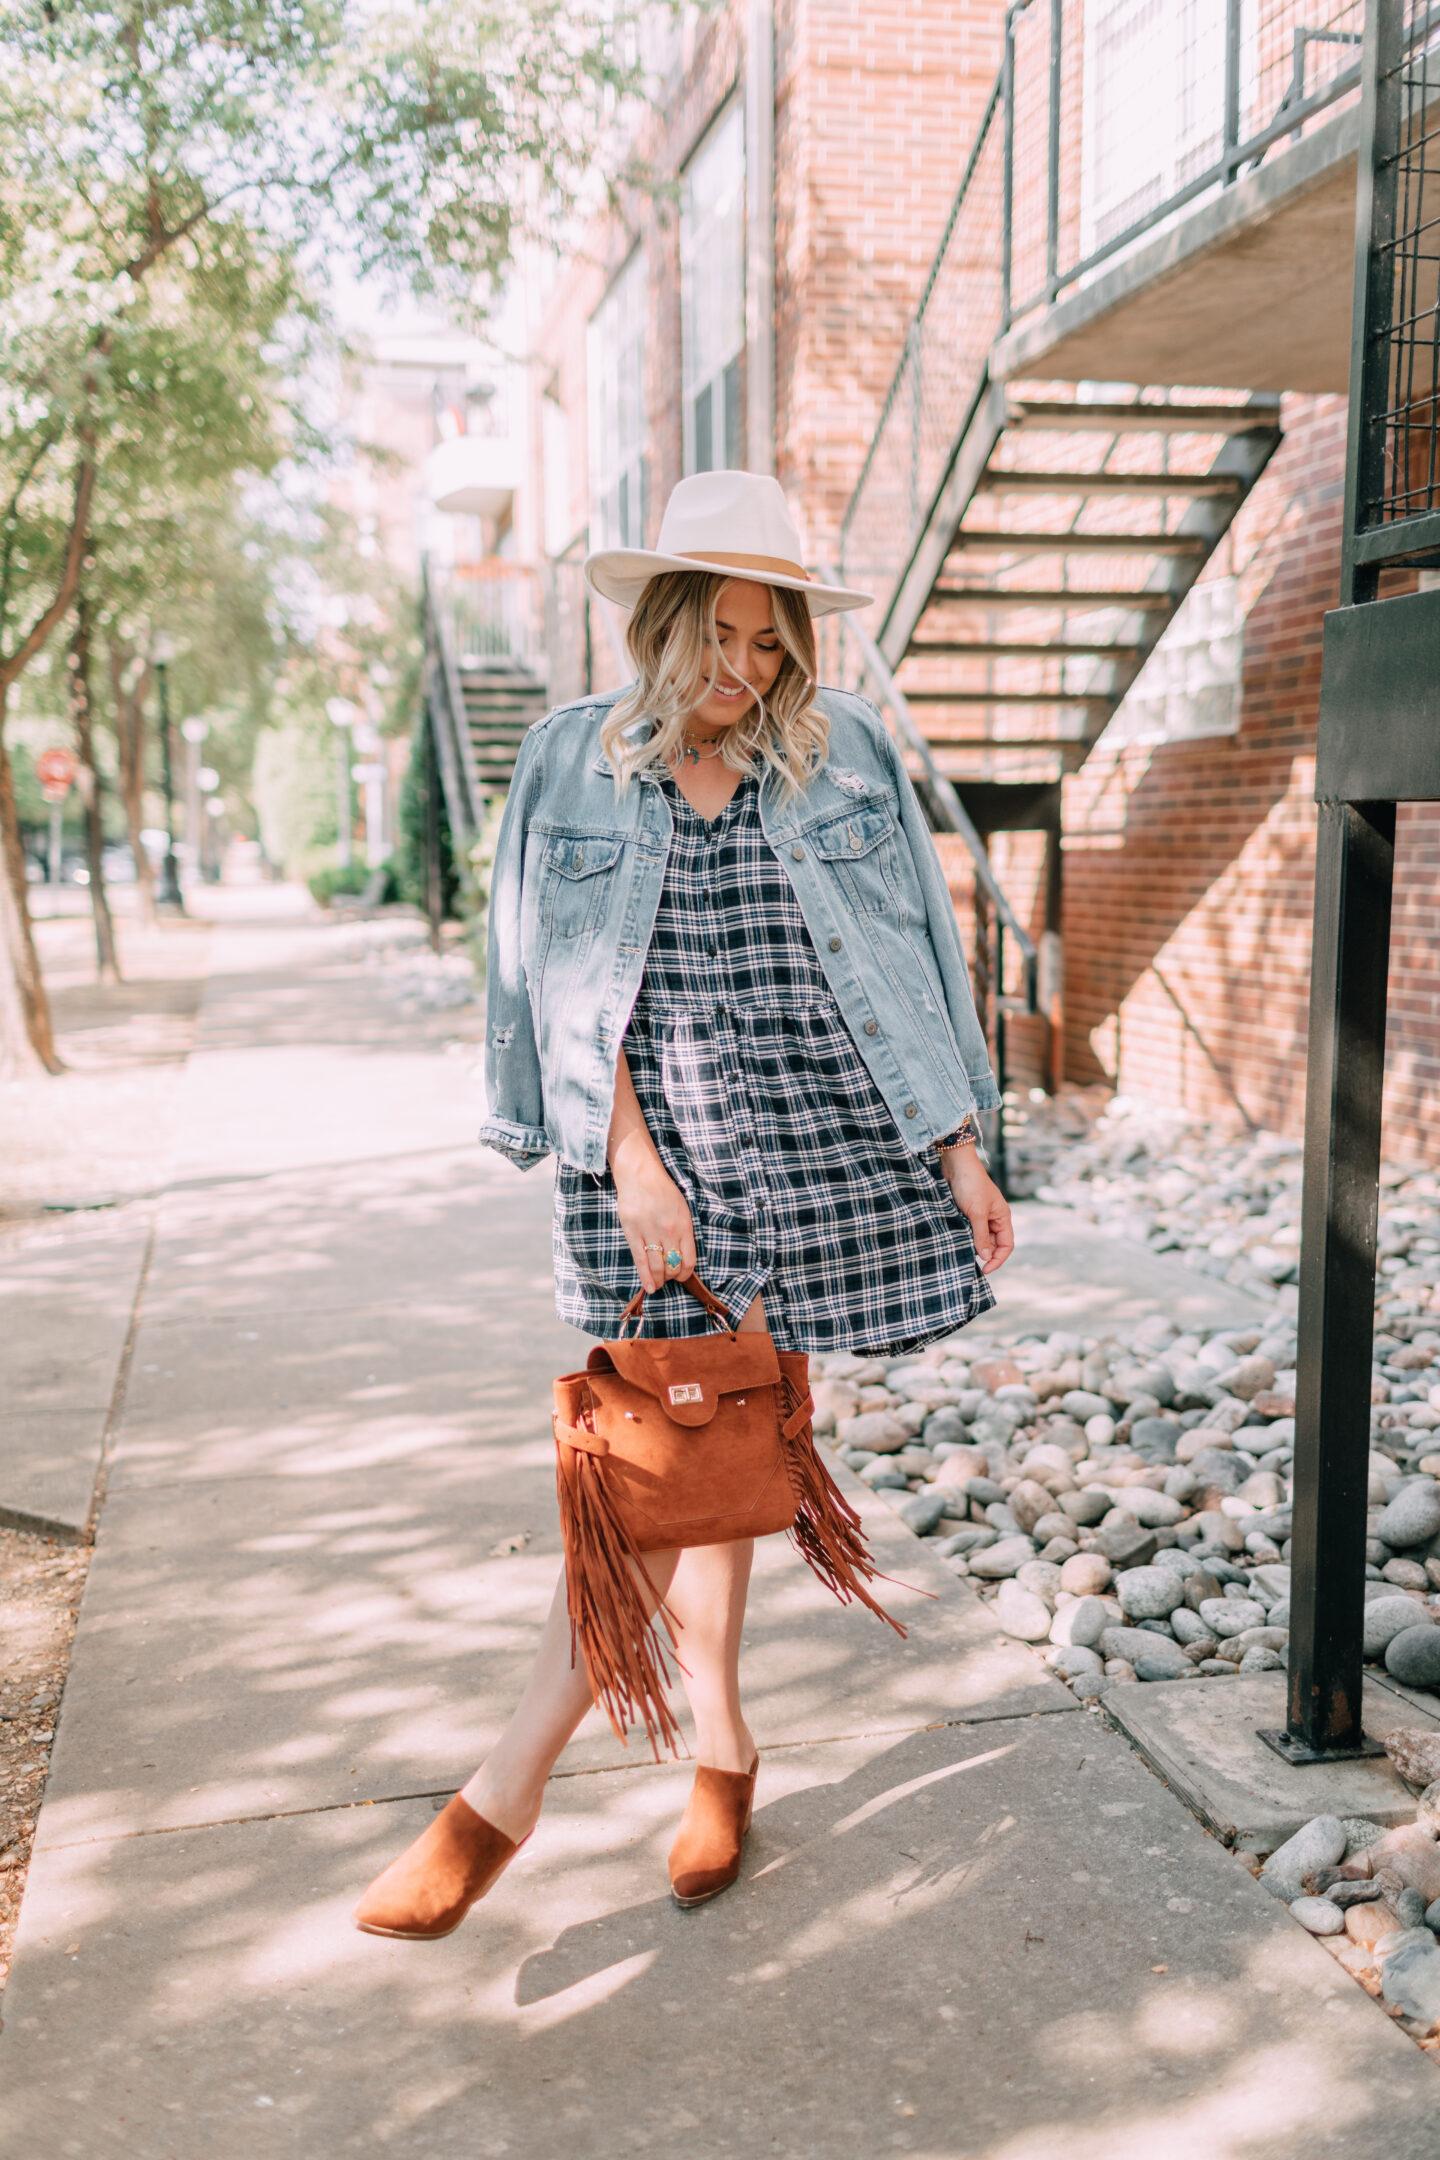 3 Ways to Wear a Plaid Dress